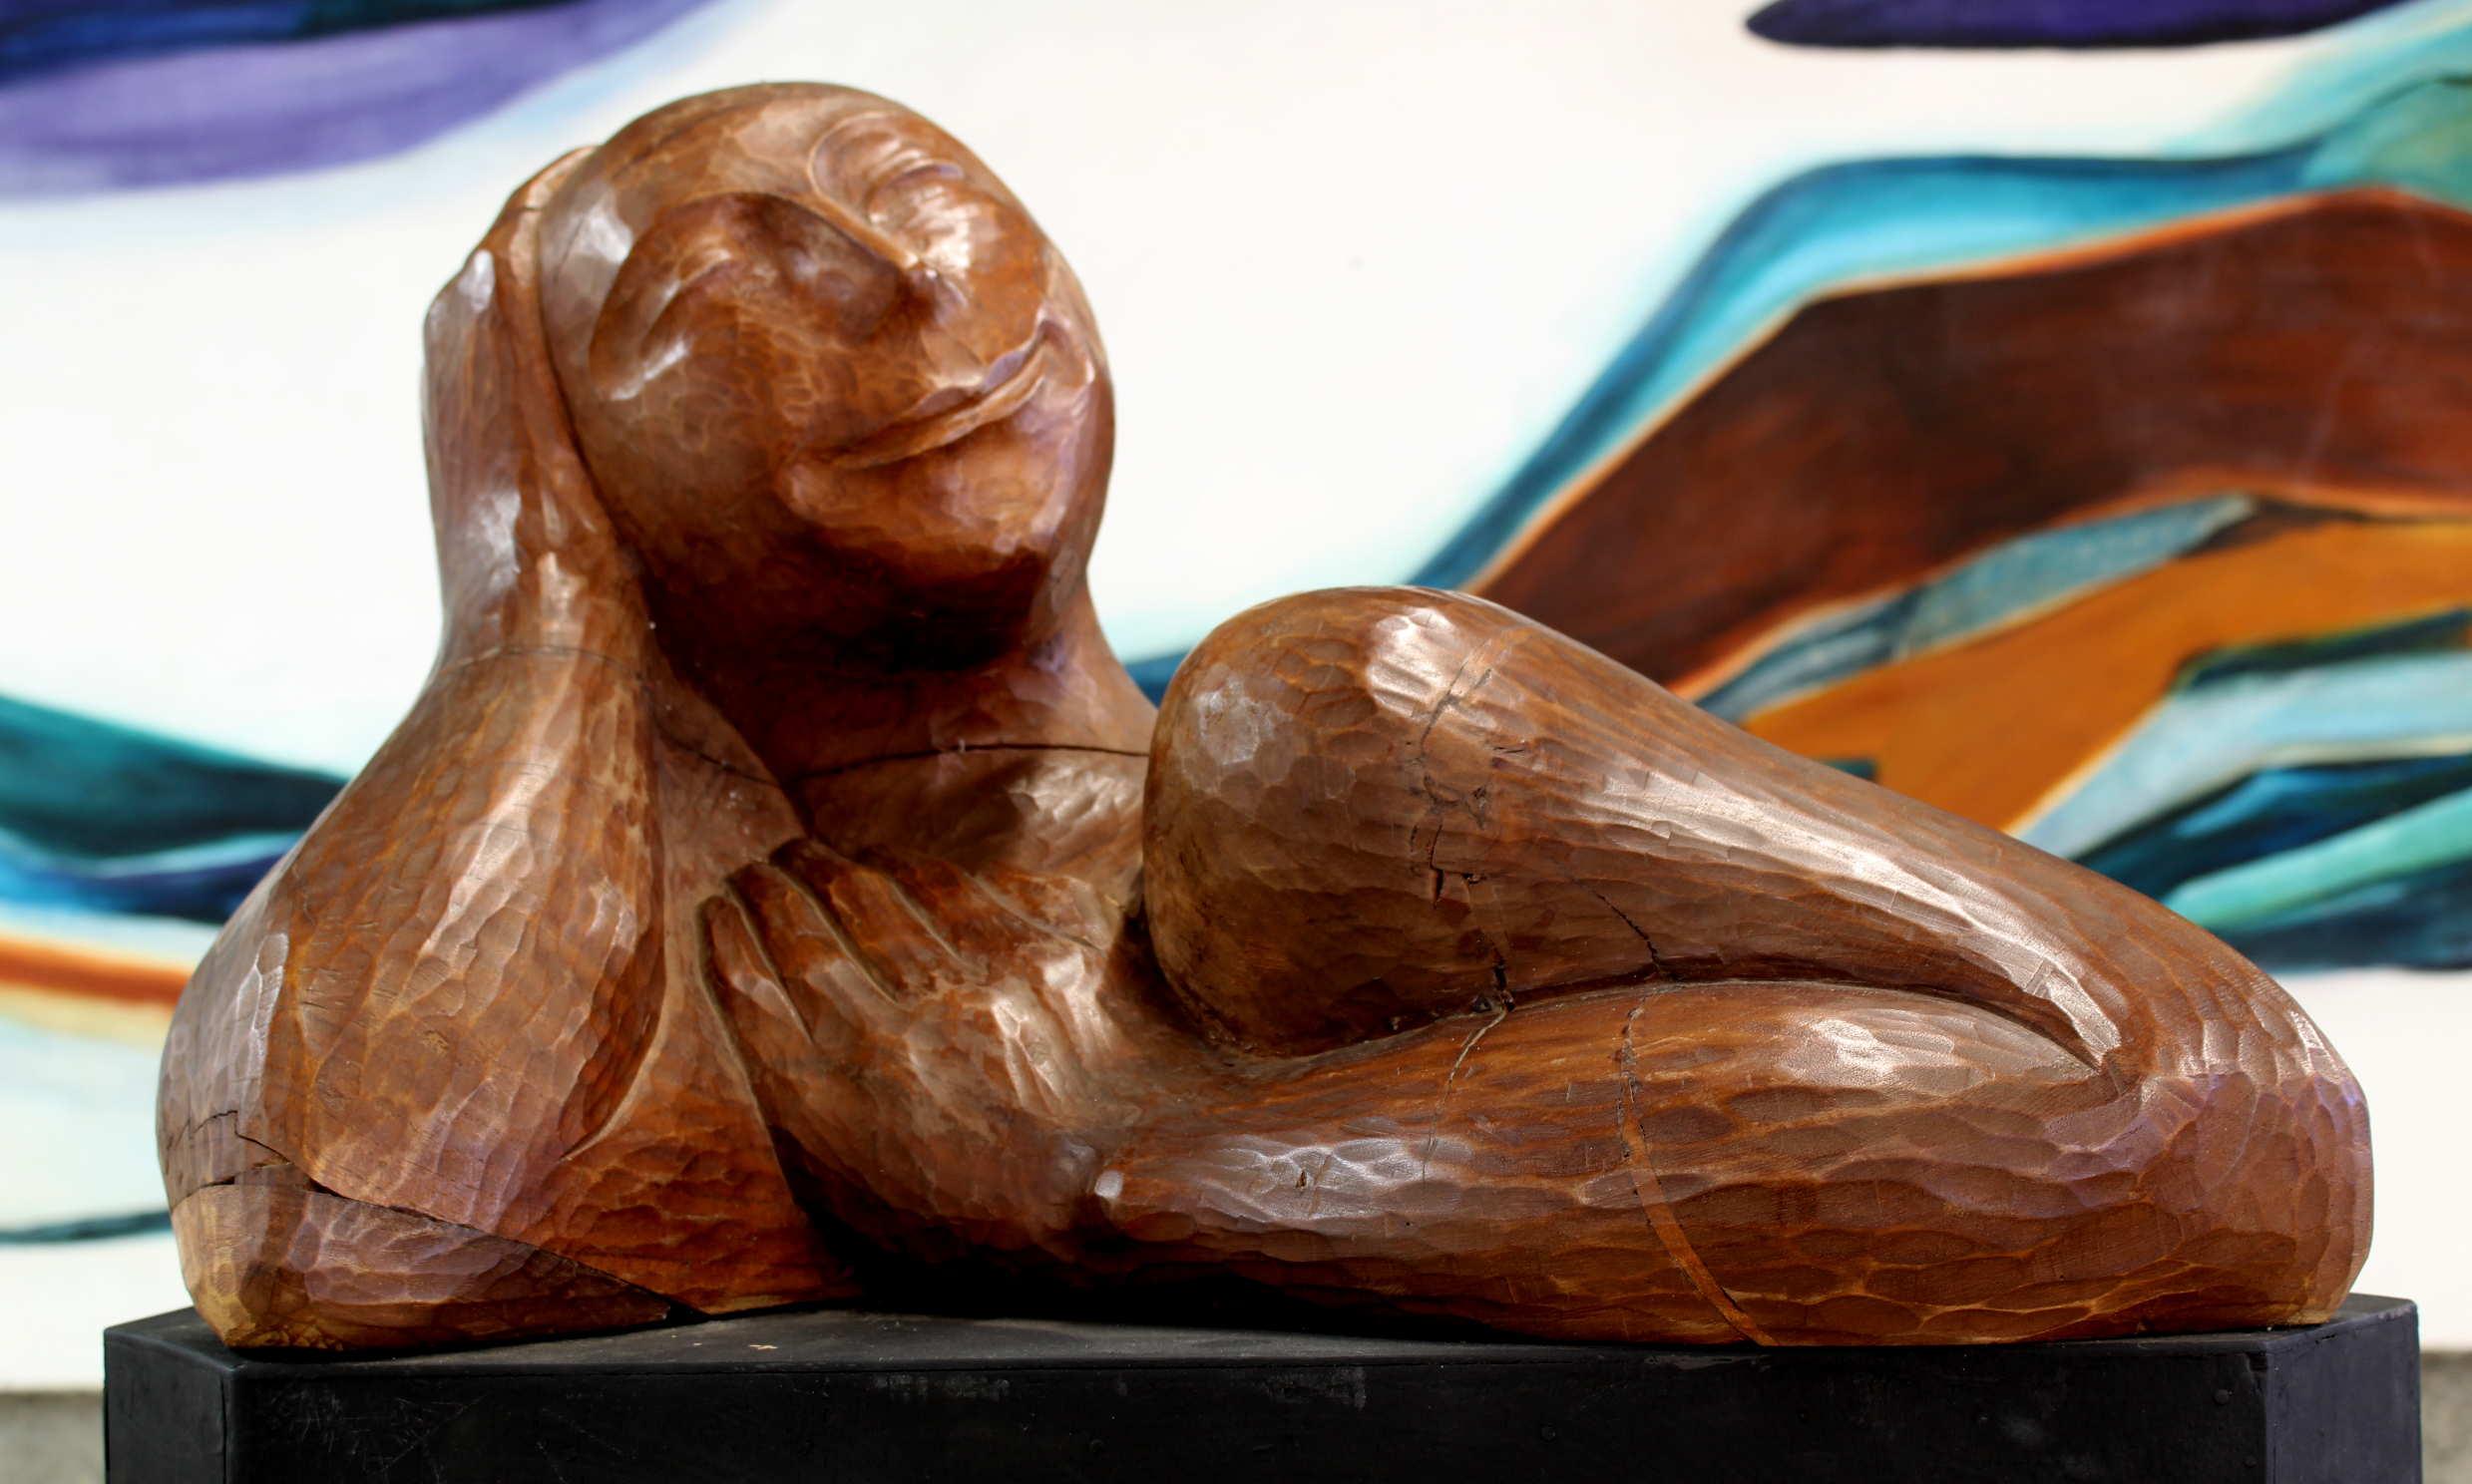 Obra de Nestor Zeledón Guzmán, llamada La Sonrisa, madera-tala directa , Año 1999. Fotografía: Adriana Araya.